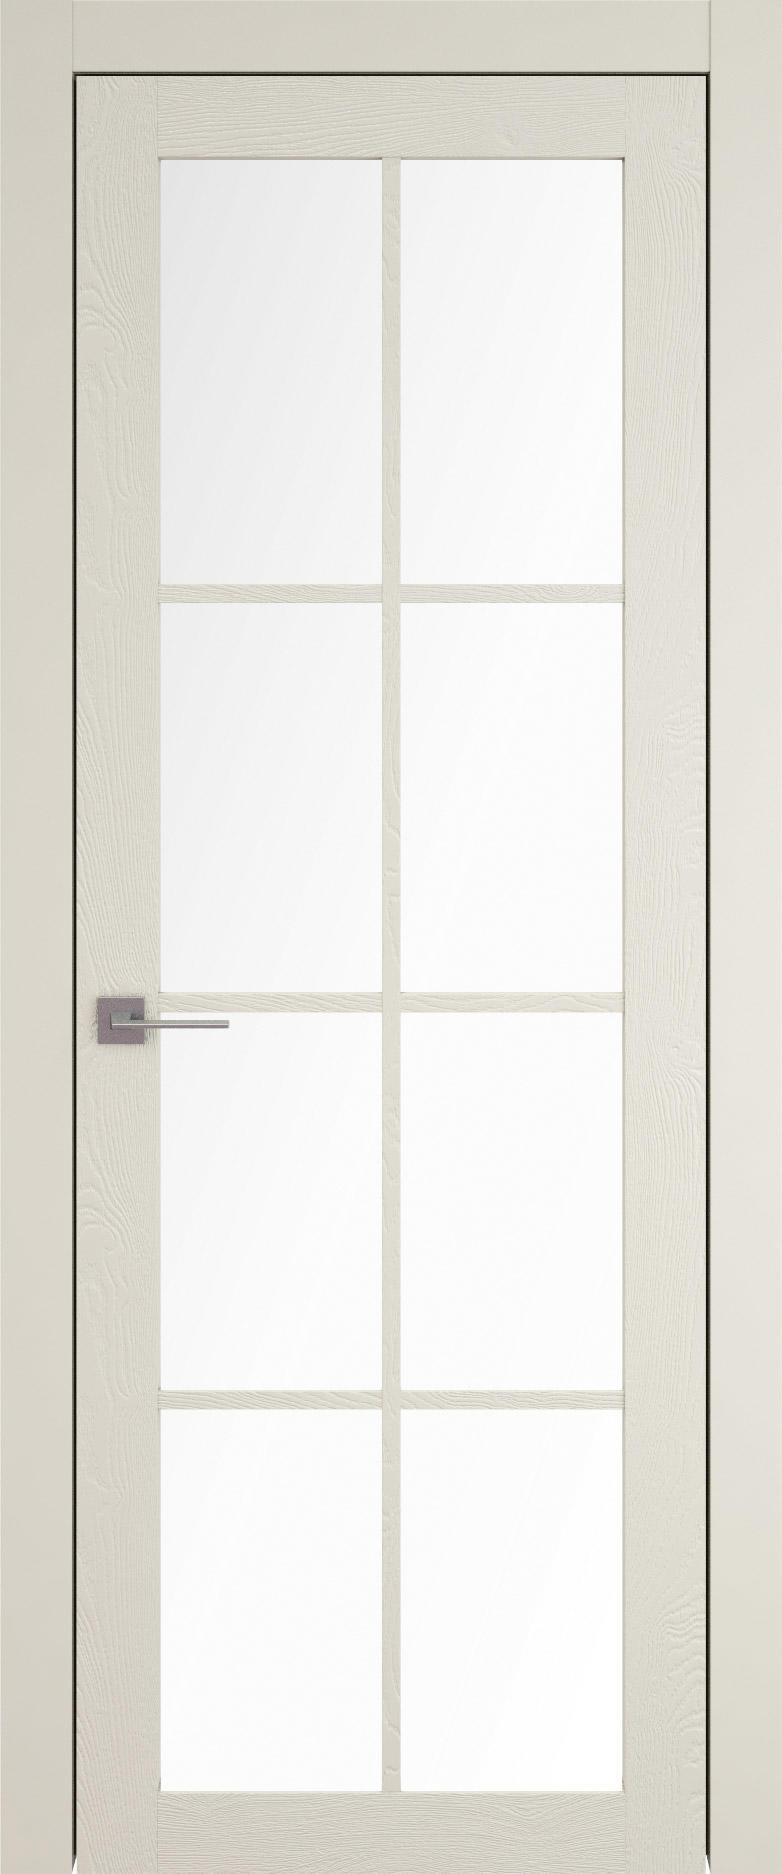 Tivoli З-5 цвет - Жемчужная эмаль по шпону (RAL 1013) Со стеклом (ДО)